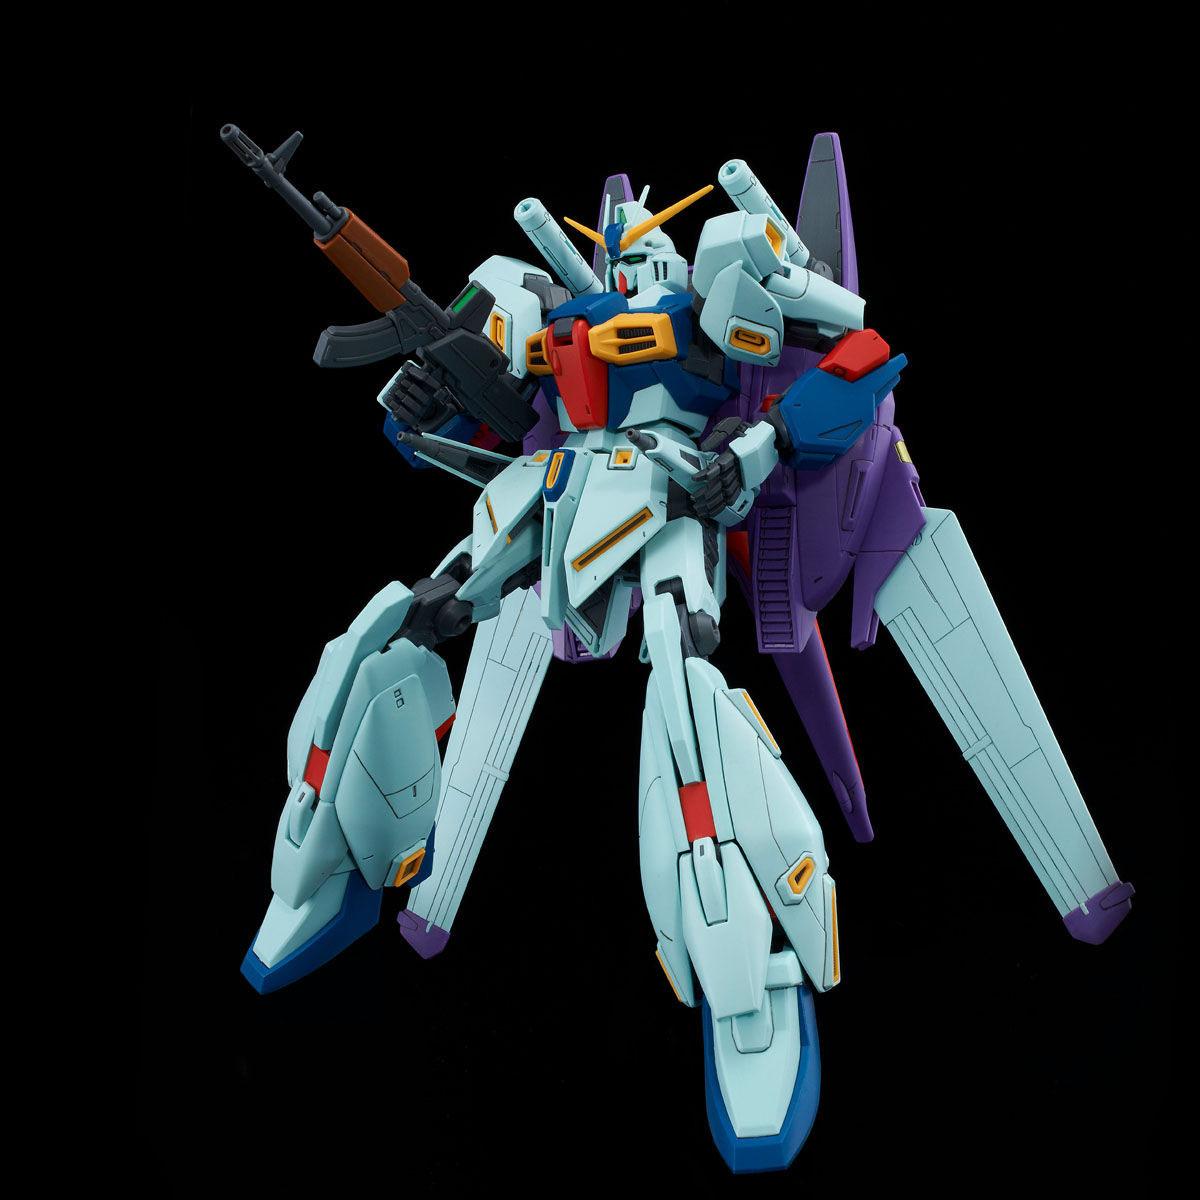 MG 1/100『リ・ガズィ・カスタム』ガンダムMSV プラモデル-006